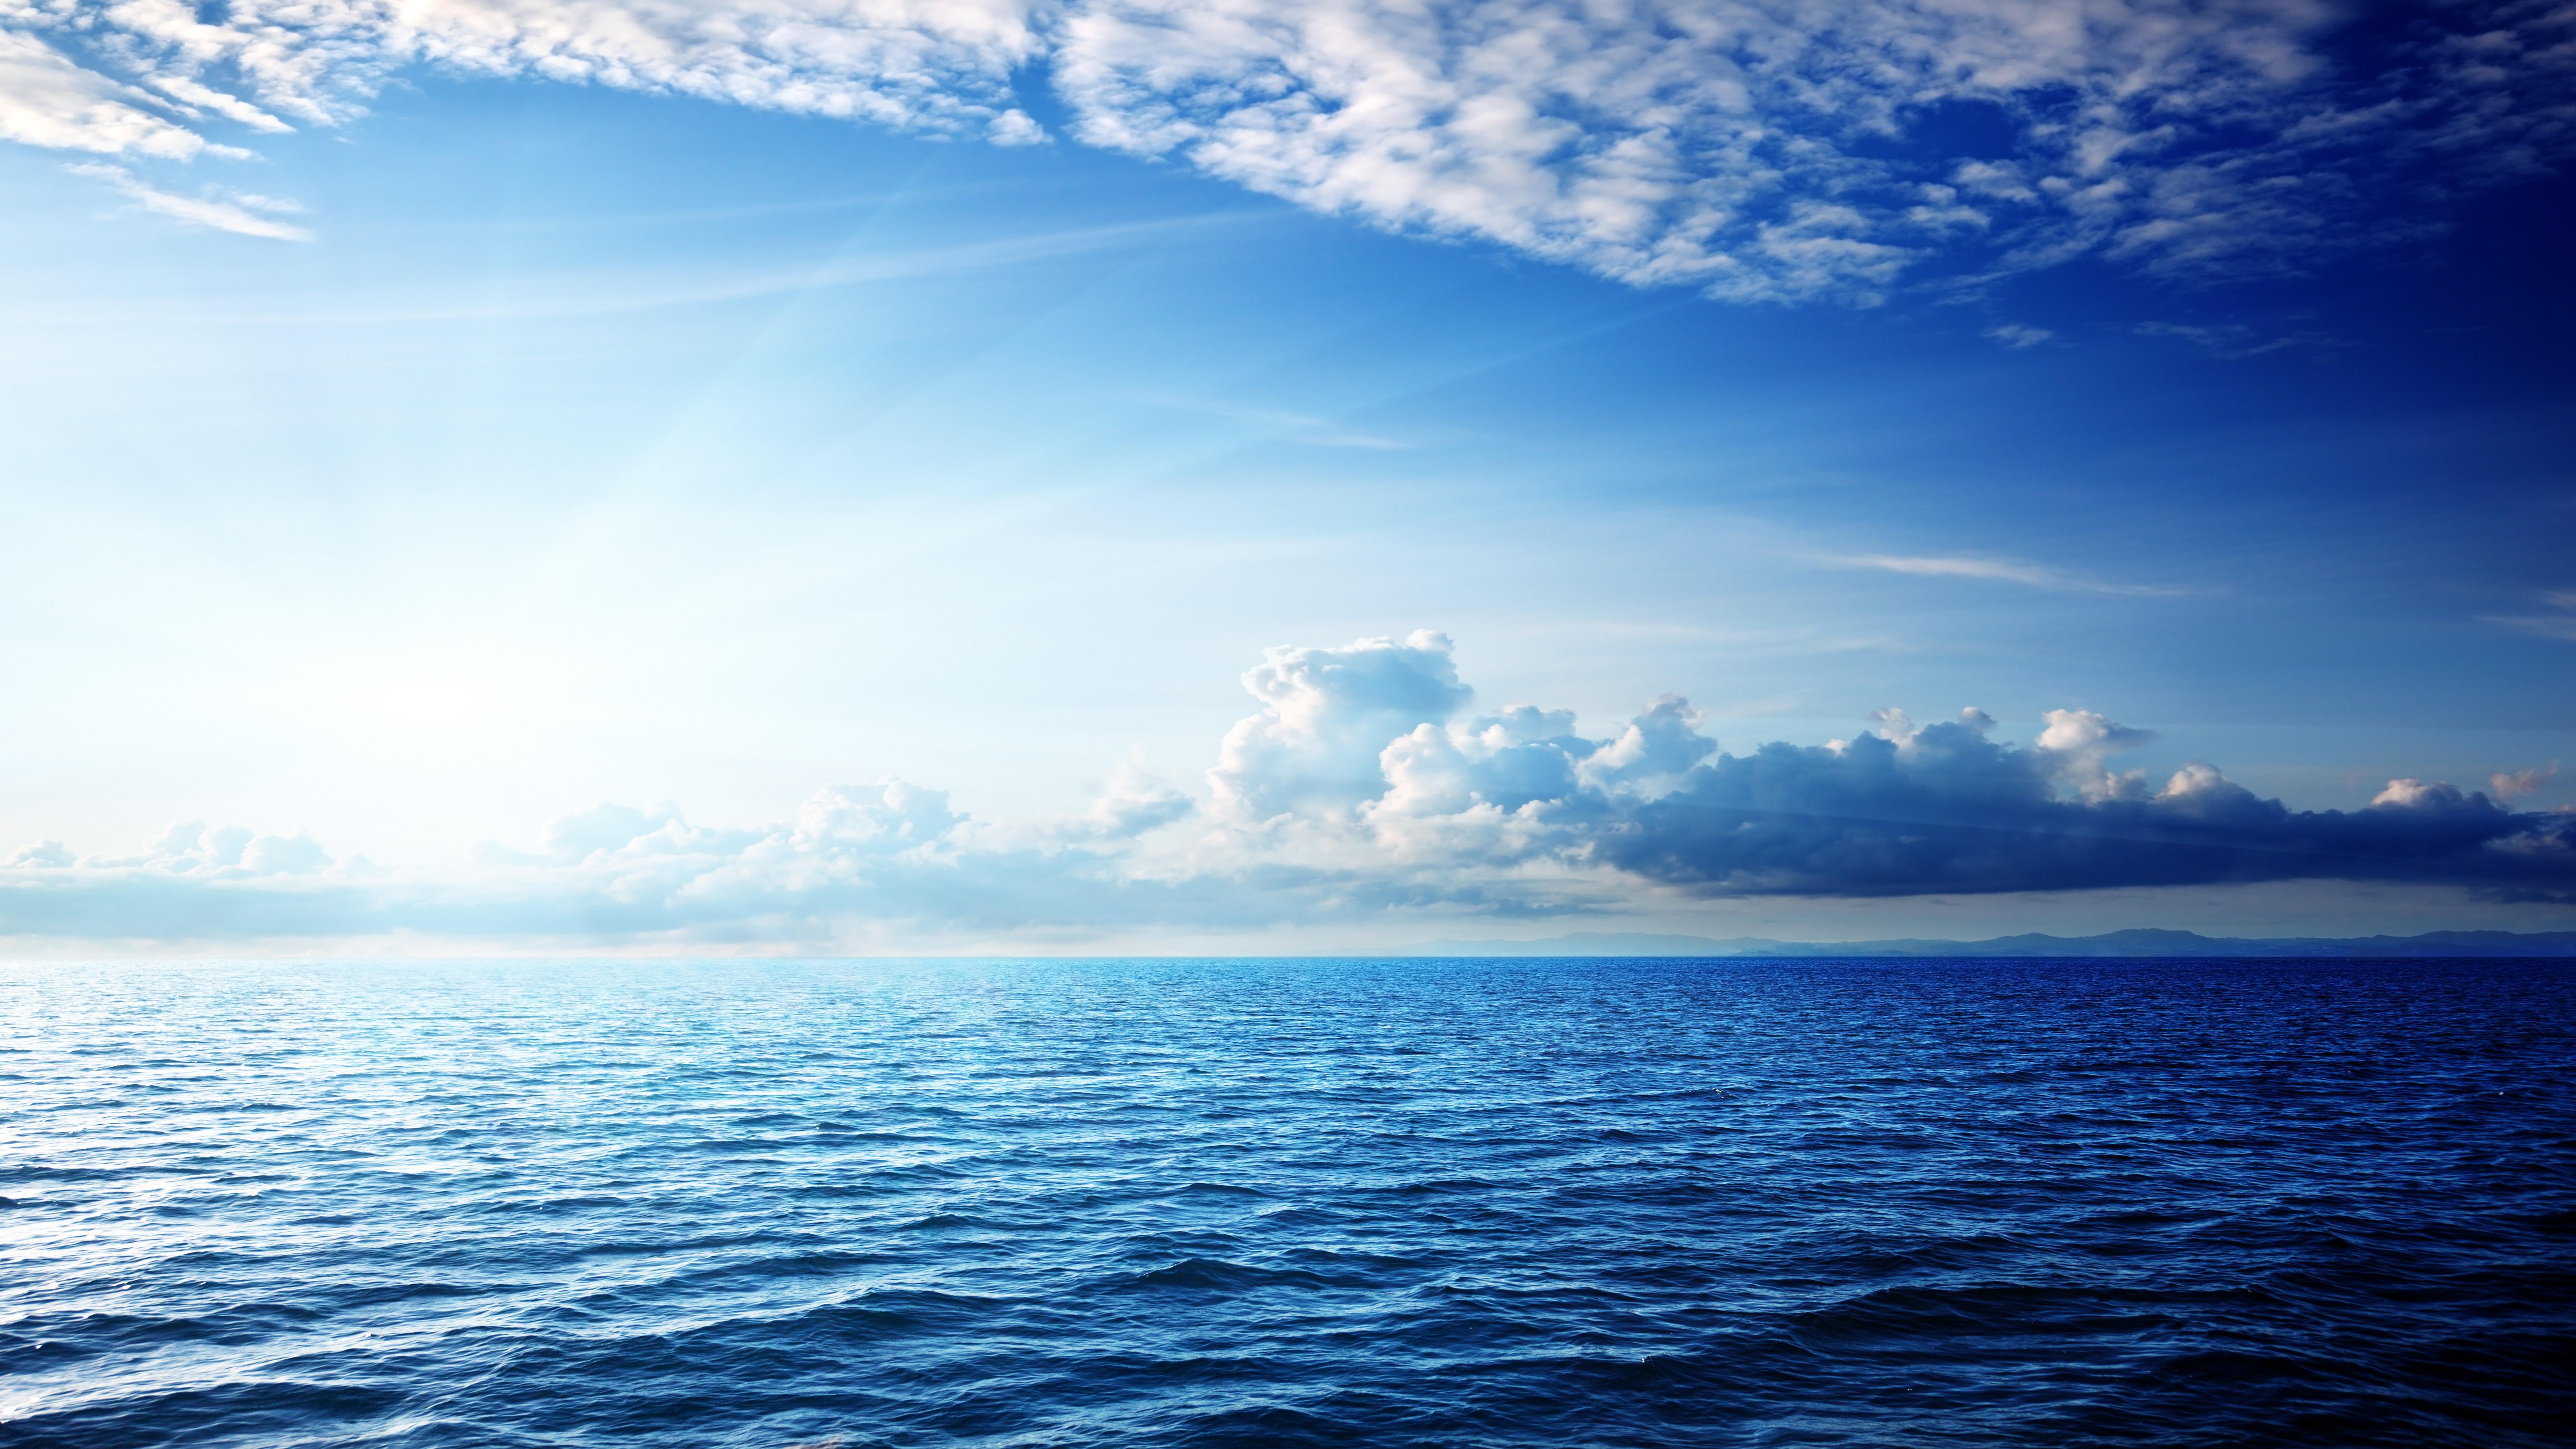 White Clouds In The Sky 4k Hd Desktop Wallpaper For 4k: Wallpaper Sea, 5k, 4k Wallpaper, Ocean, Sky, Clouds